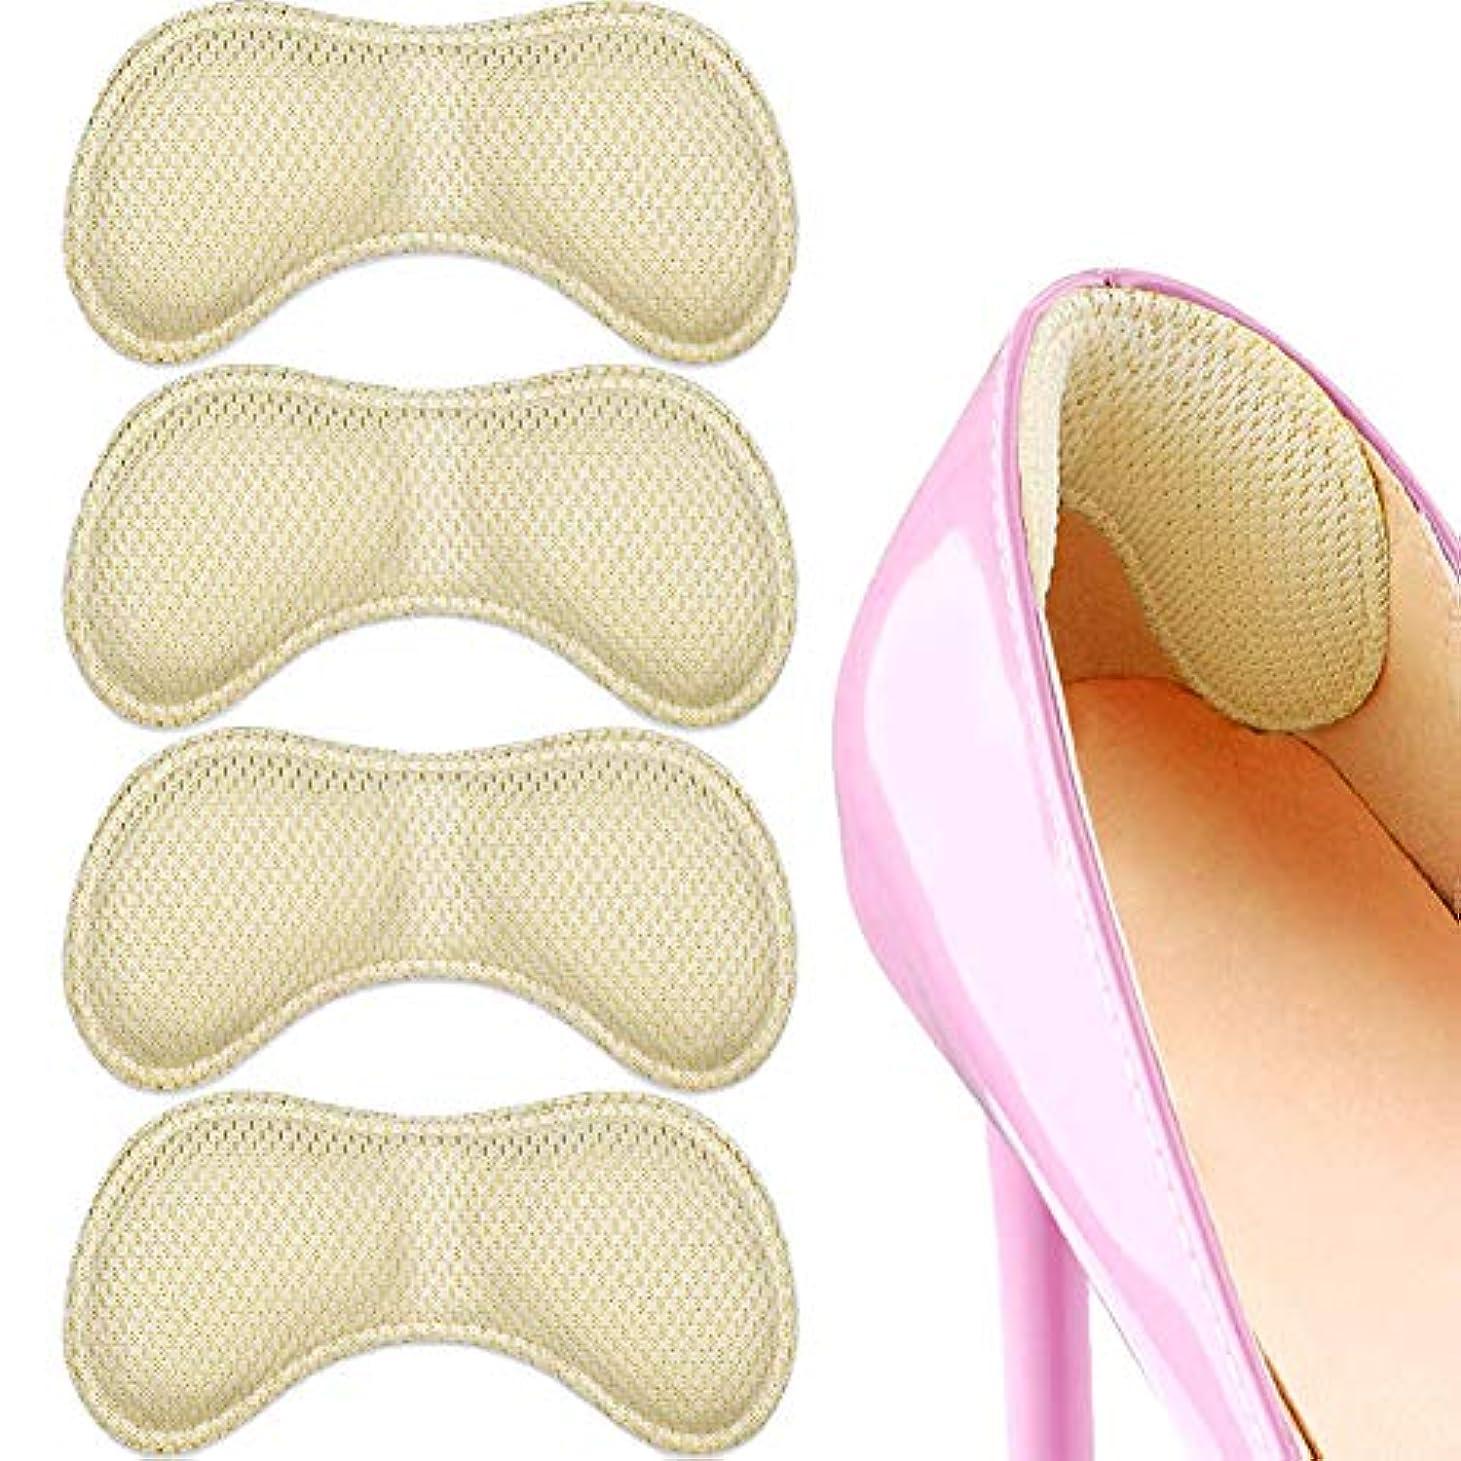 エクスタシー選挙援助ZAYAR 靴擦れ防止パッド 靴ずれ防止 かかとパッド パカパカ防止 柔らか 2足セット